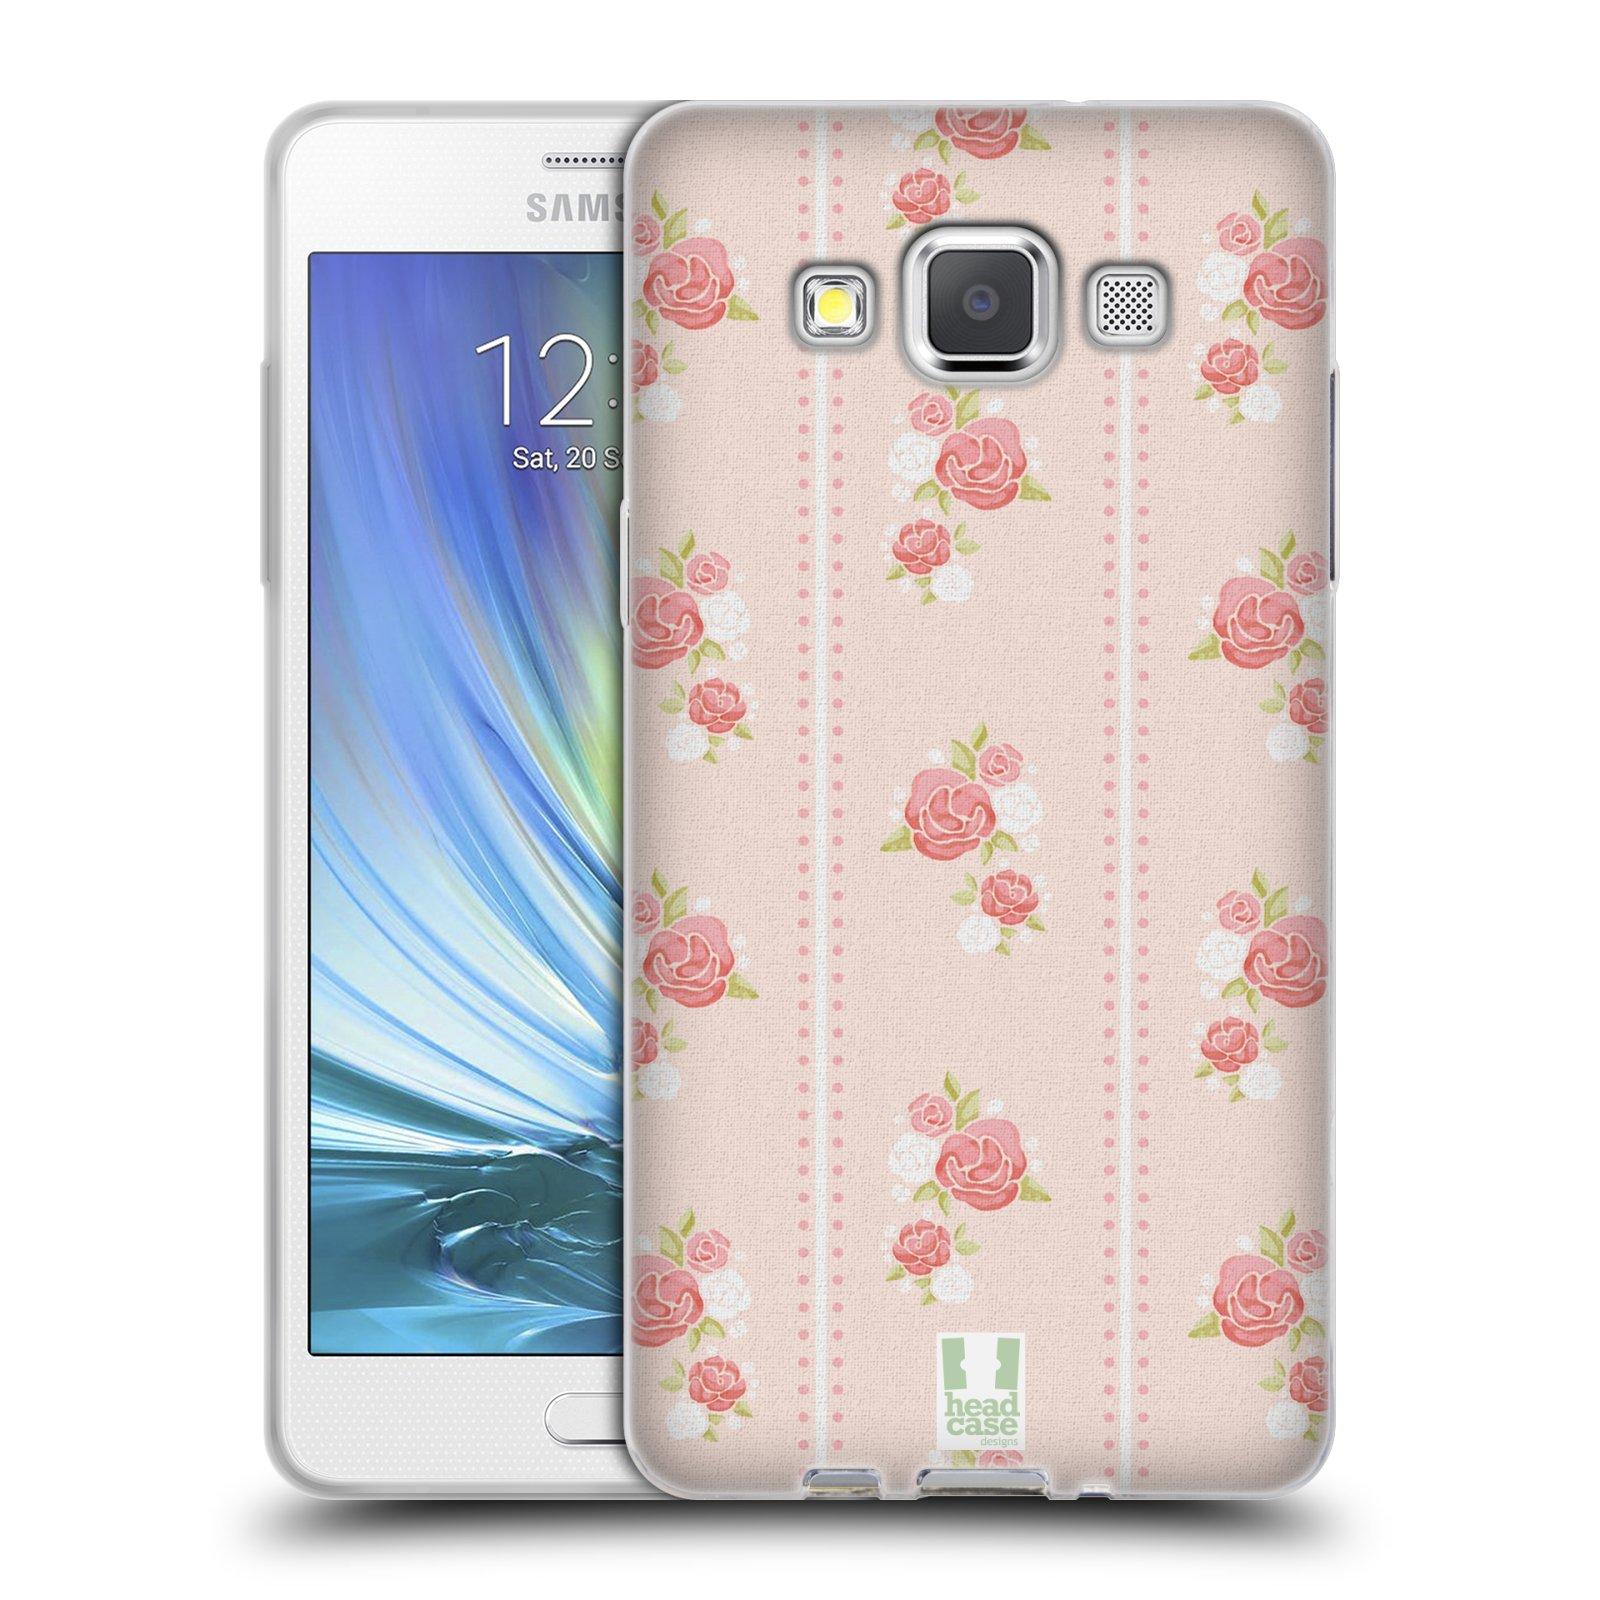 HEAD CASE silikonový obal na mobil Samsung Galaxy A5 Francouzský motiv venkov proužky a růže